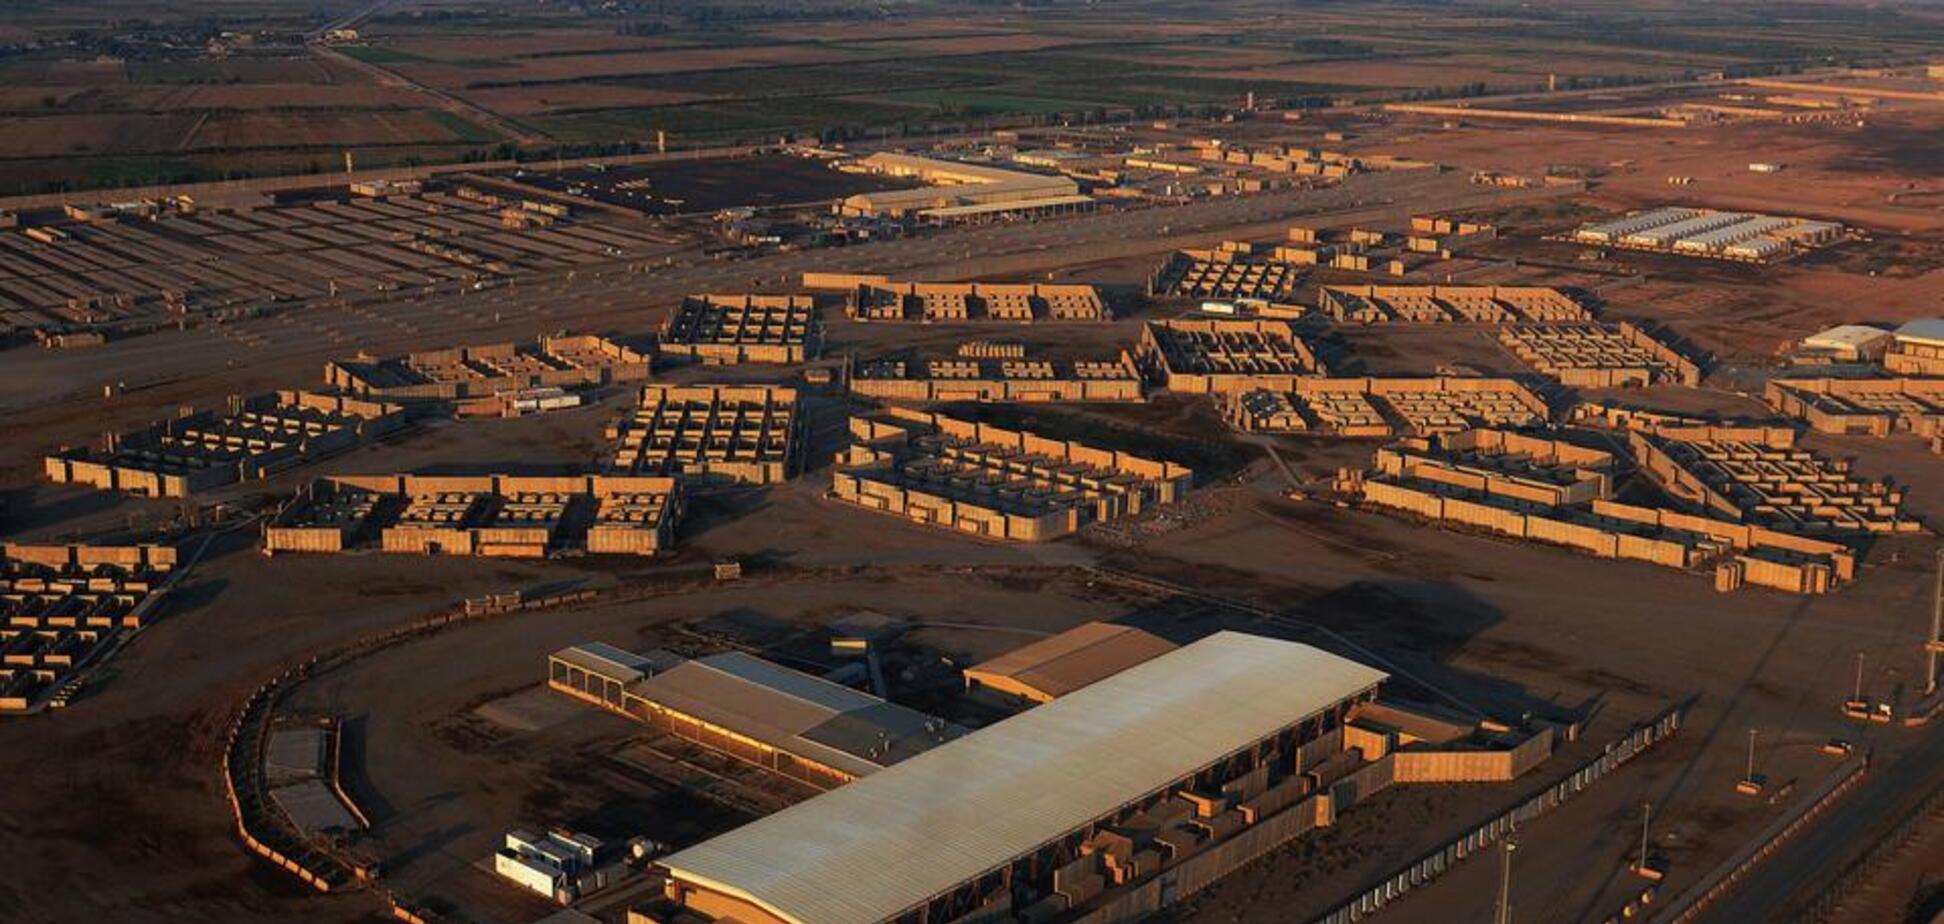 В Ираке нанесли ракетный удар по авиабазе США